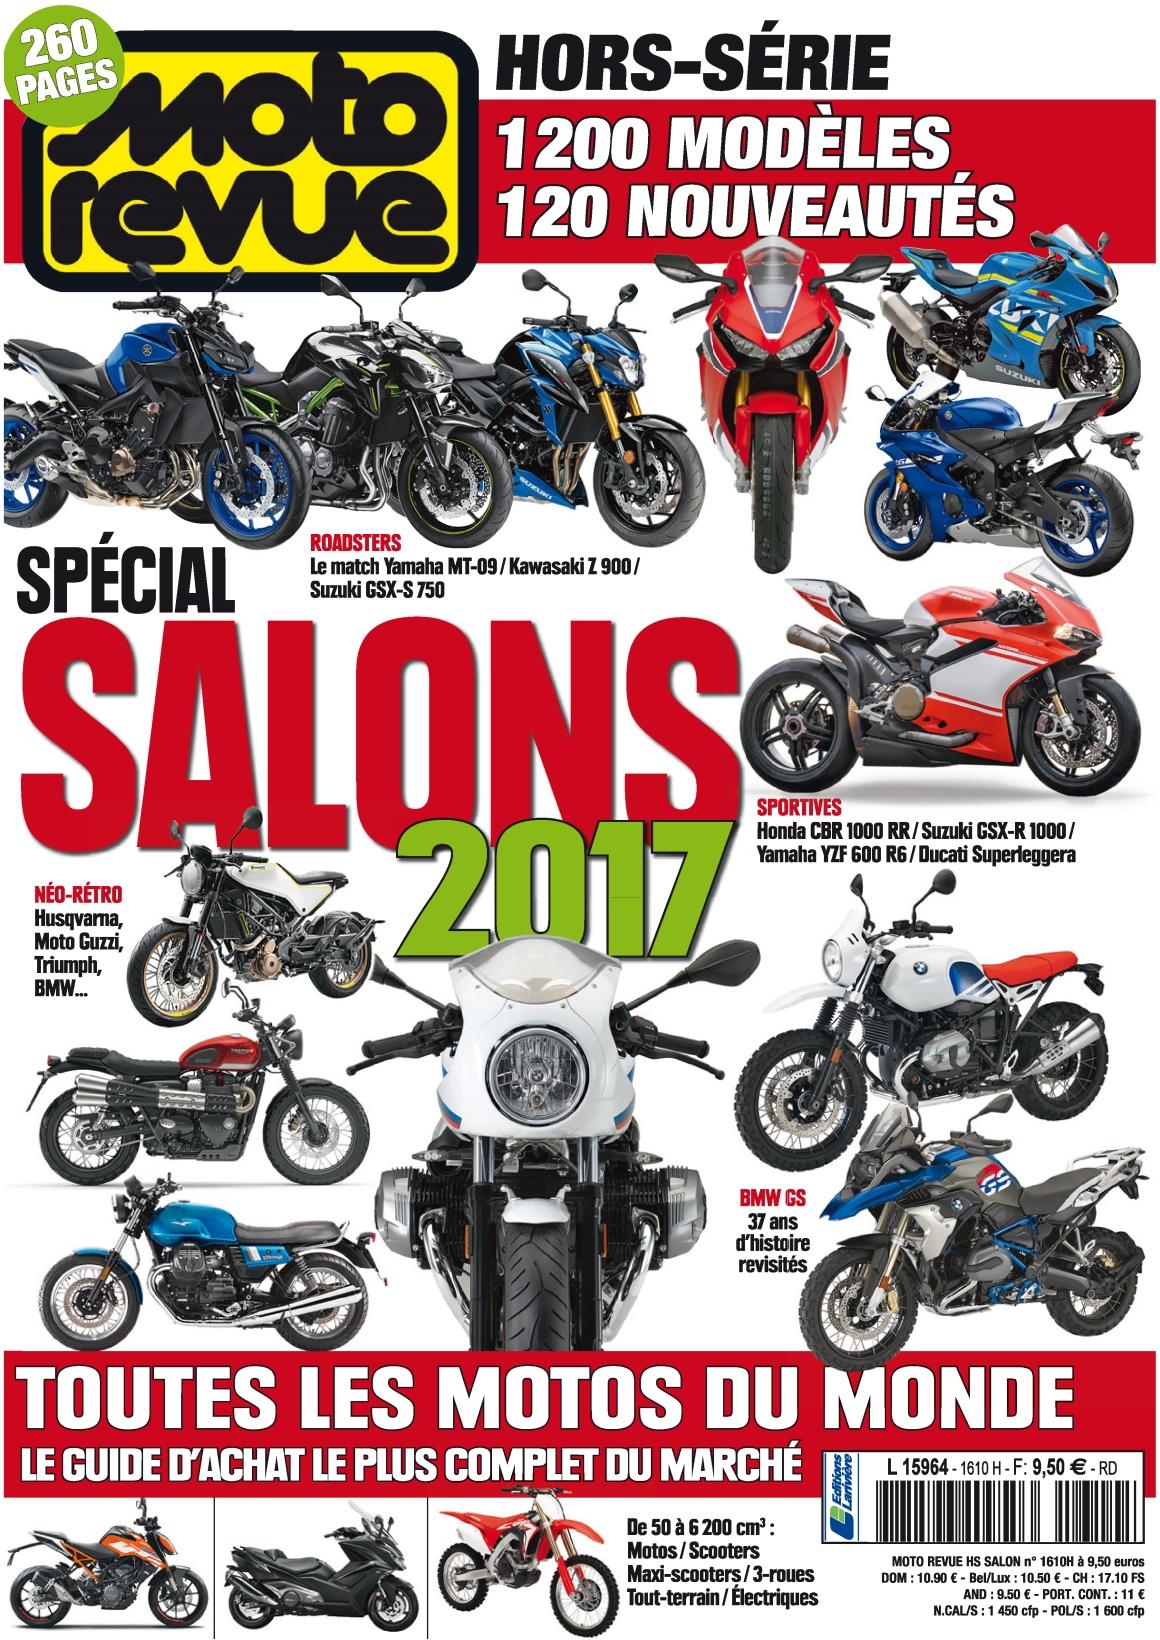 Moto Revue Hors-Série 42 - Salon 2017